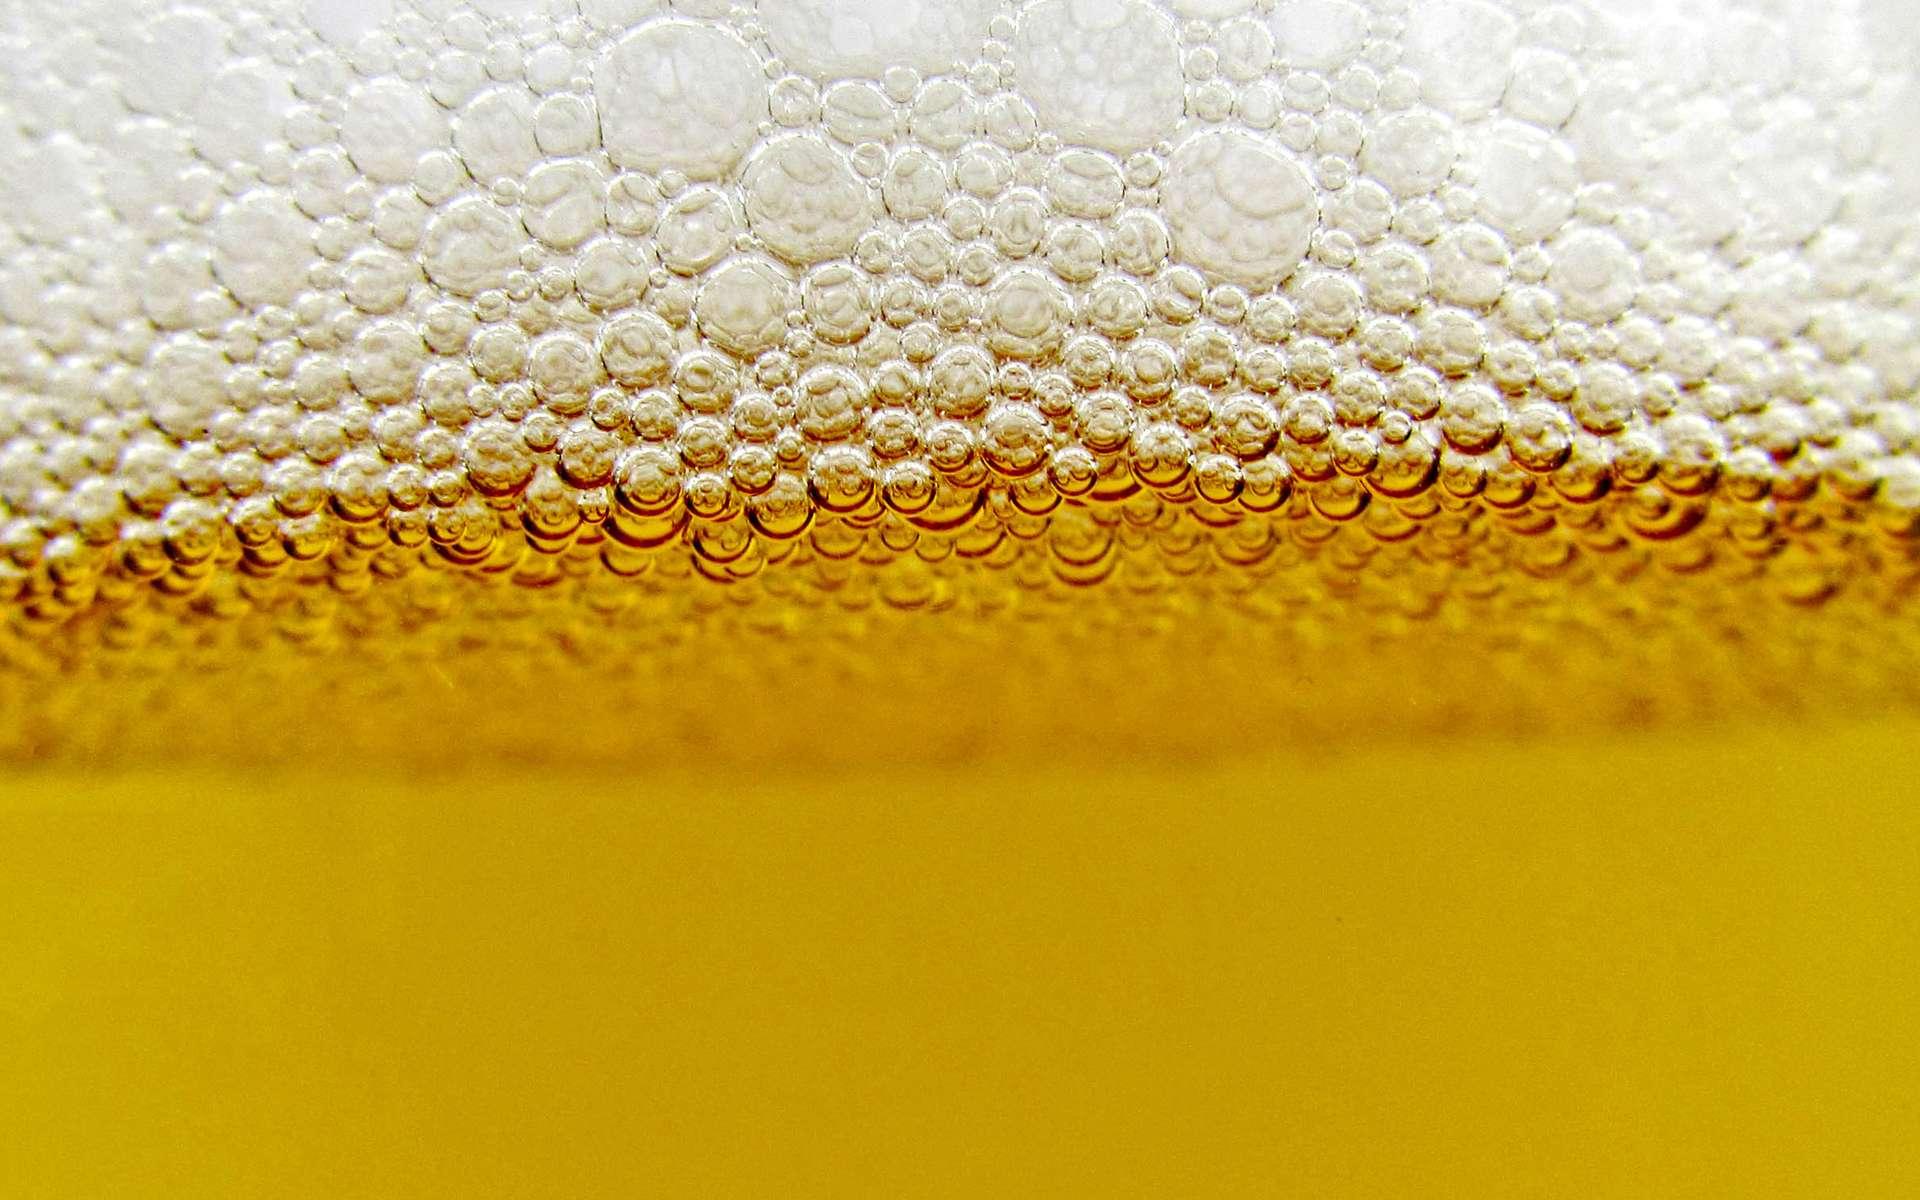 L'alcool de la bière provient de la fermentation alcoolique effectuée naturellement par la levure Saccharomyces cerevisiae. C'est exactement ce que vivait malgré lui un Texan de 61 ans. © Wakala, deviantart.com, cc by 3.0